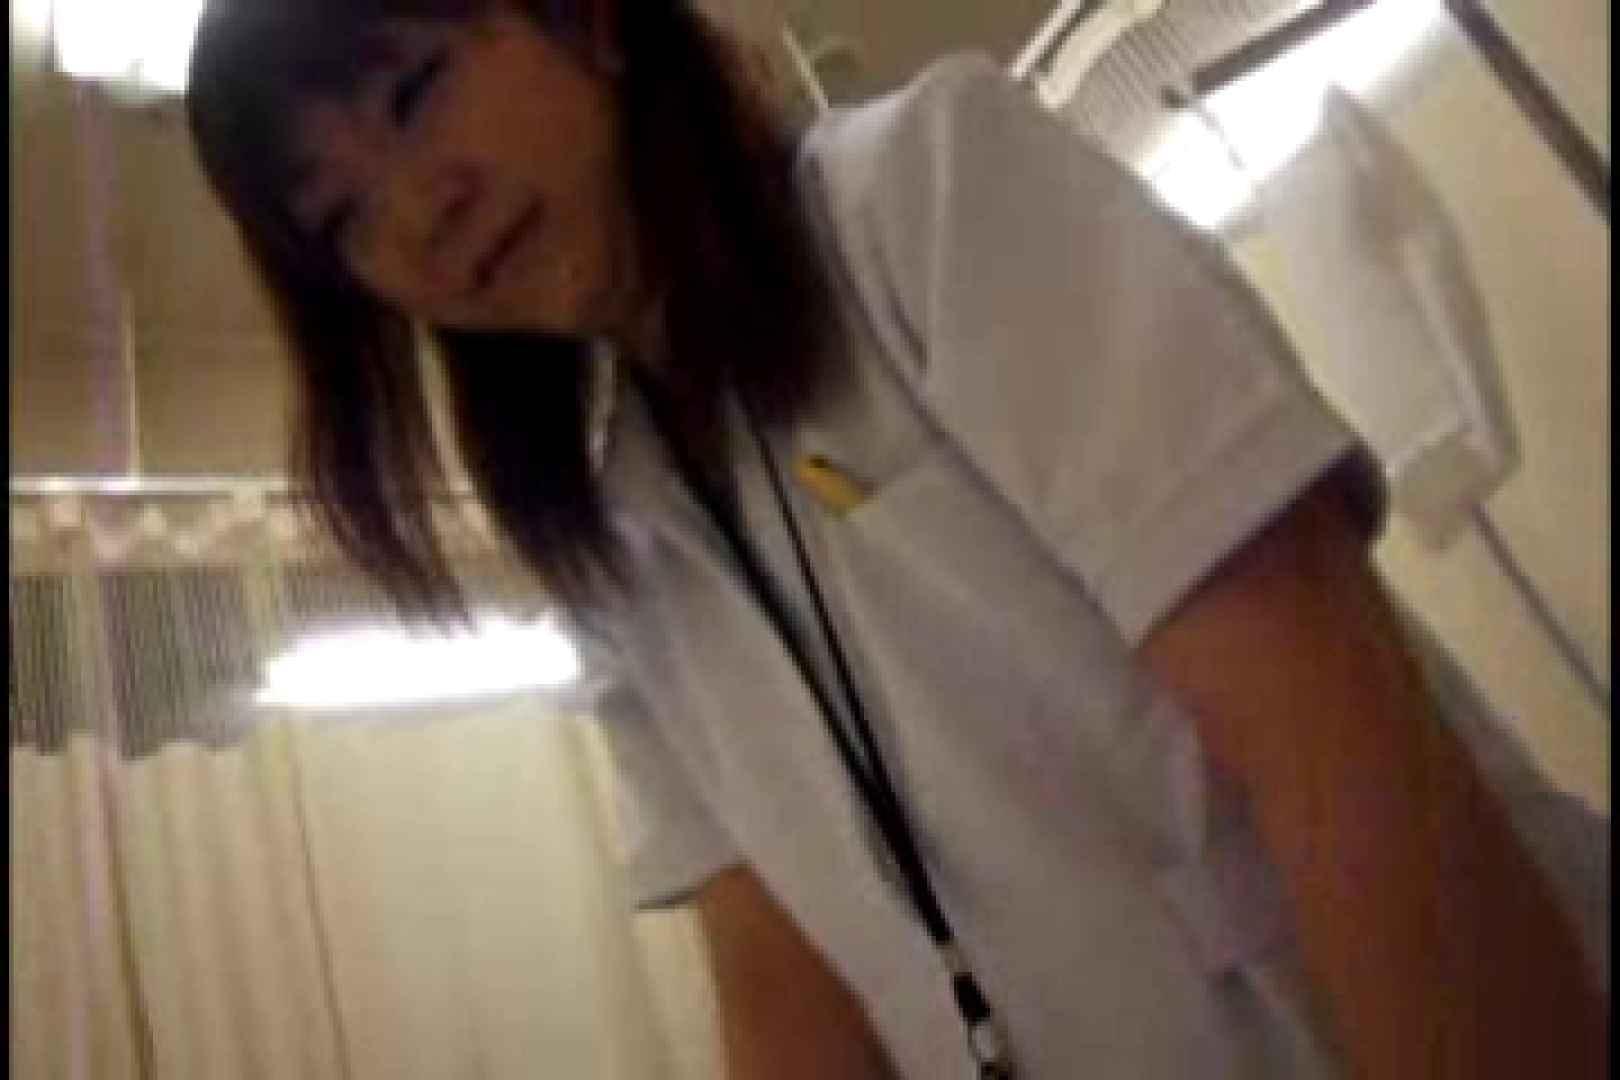 ヤリマンと呼ばれた看護士さんvol1 一般投稿  93pic 45